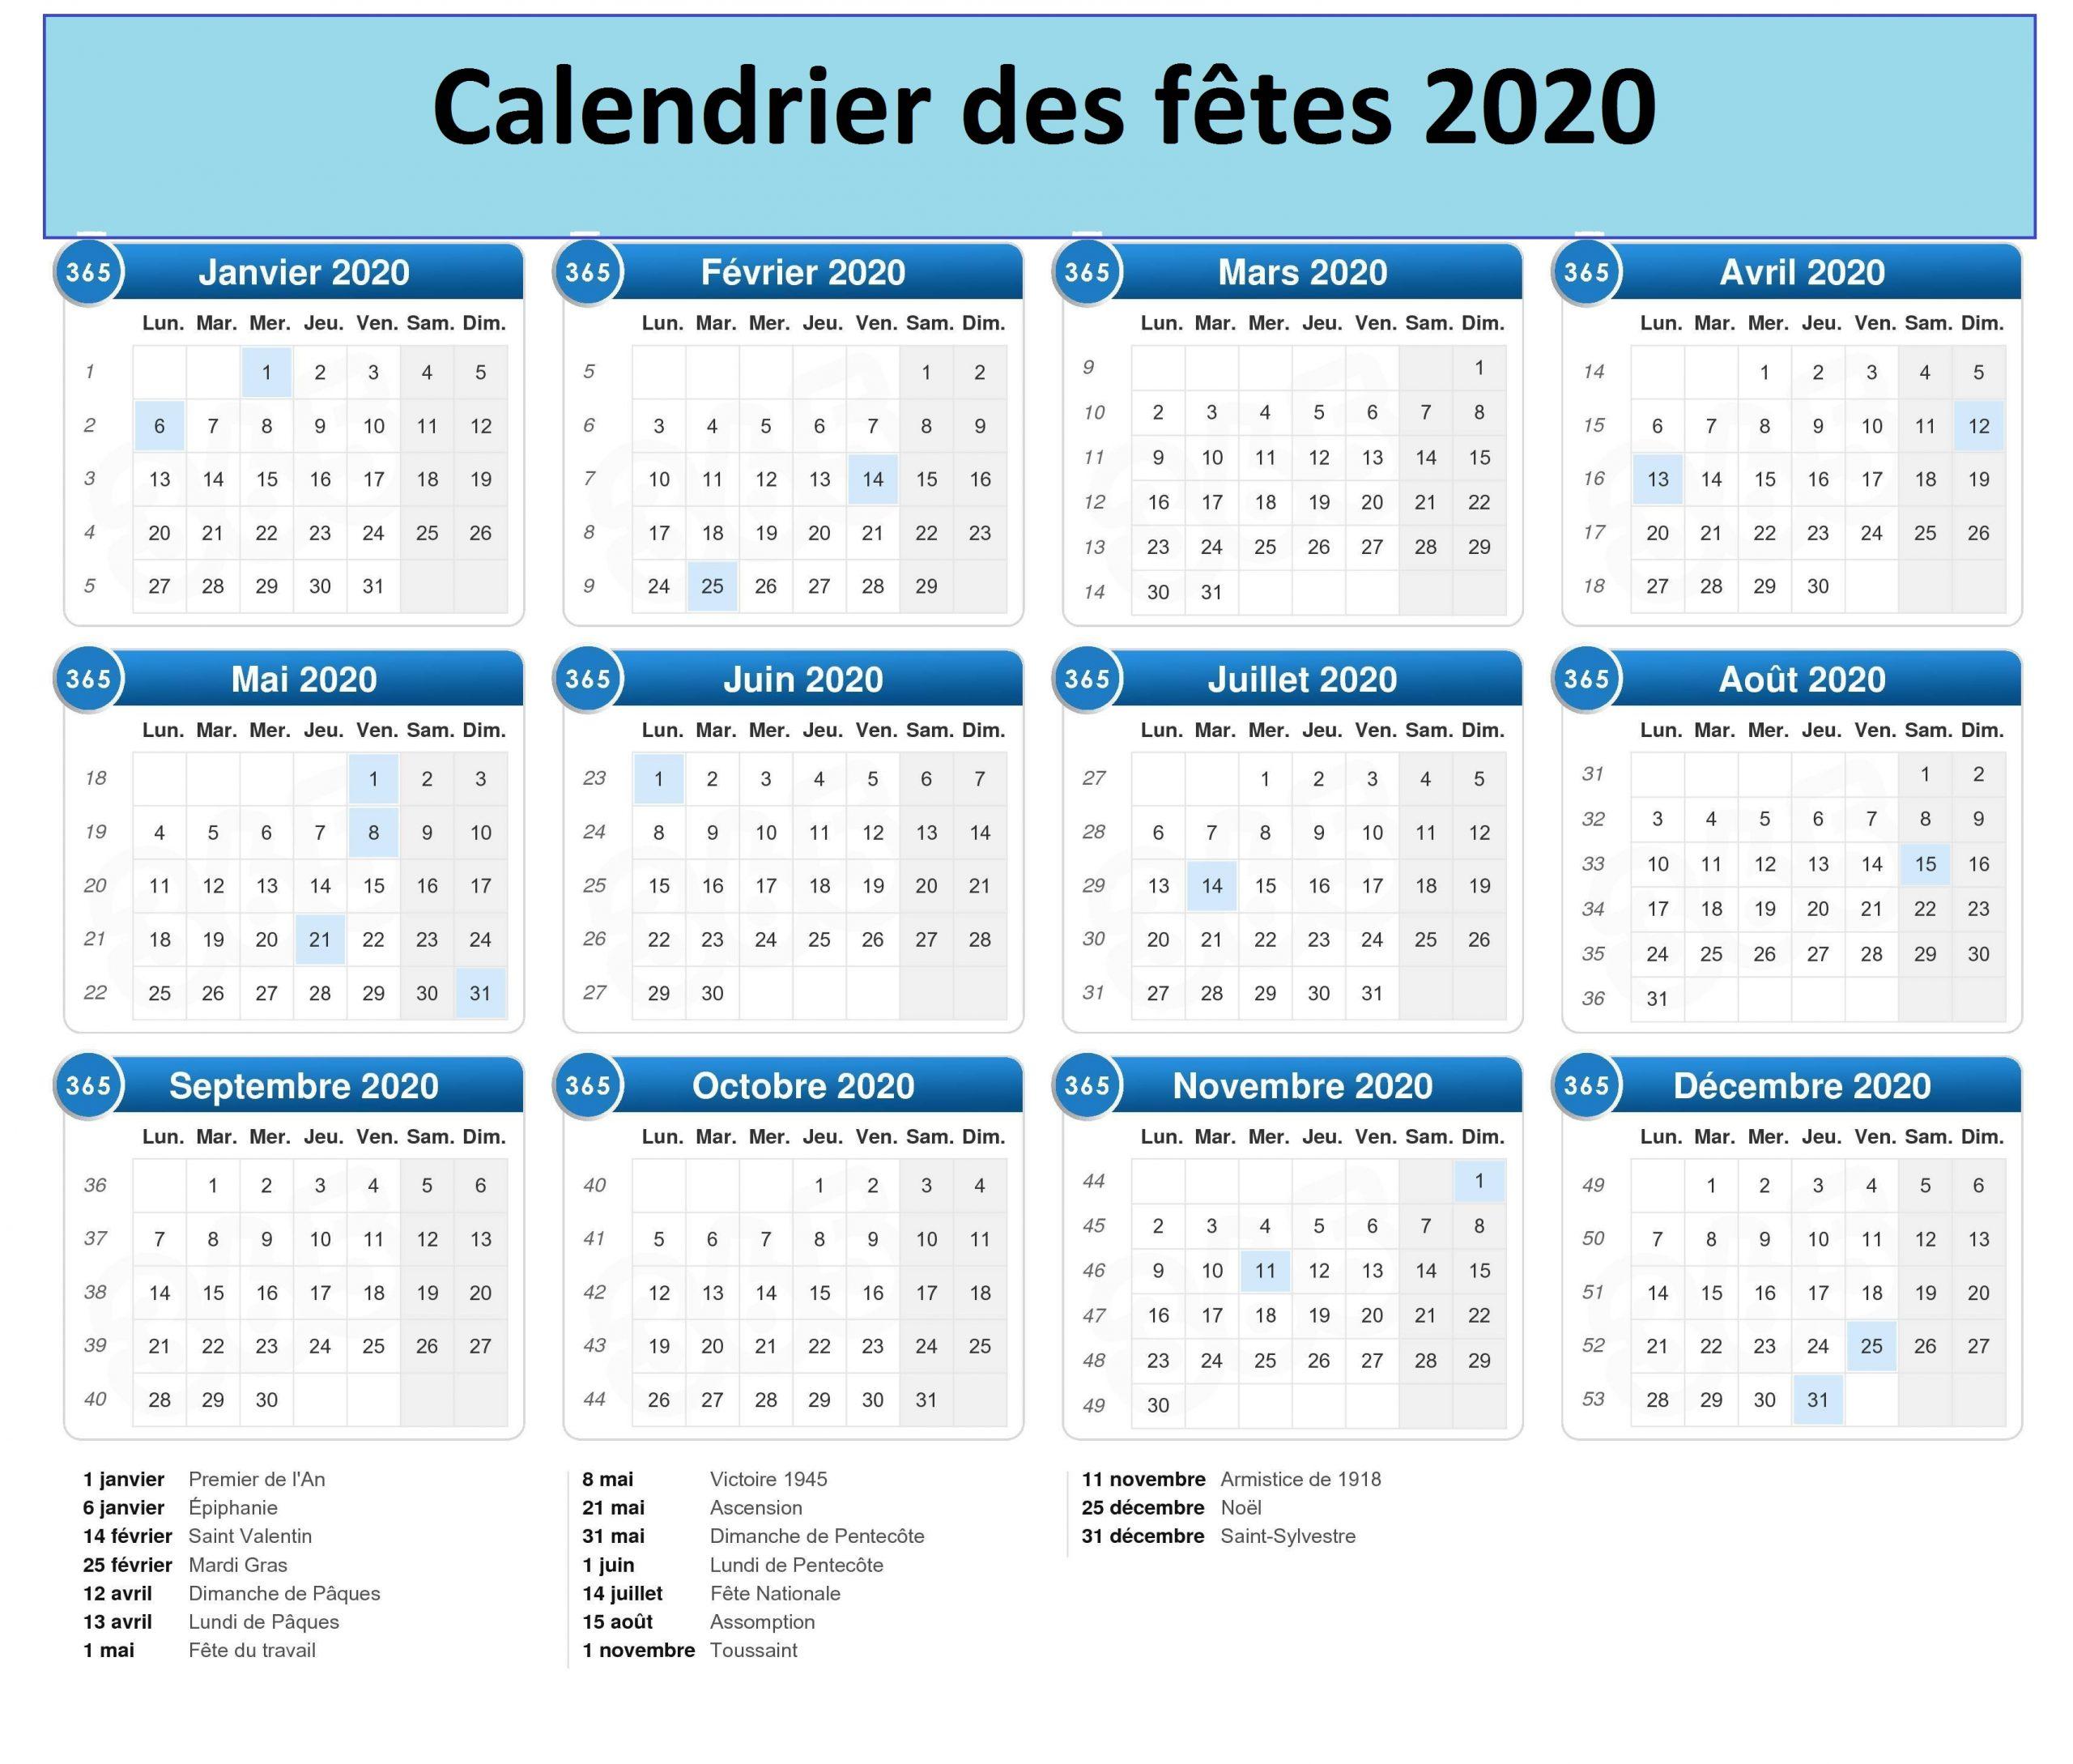 CalendrierDes Fetes 2020 Maroc